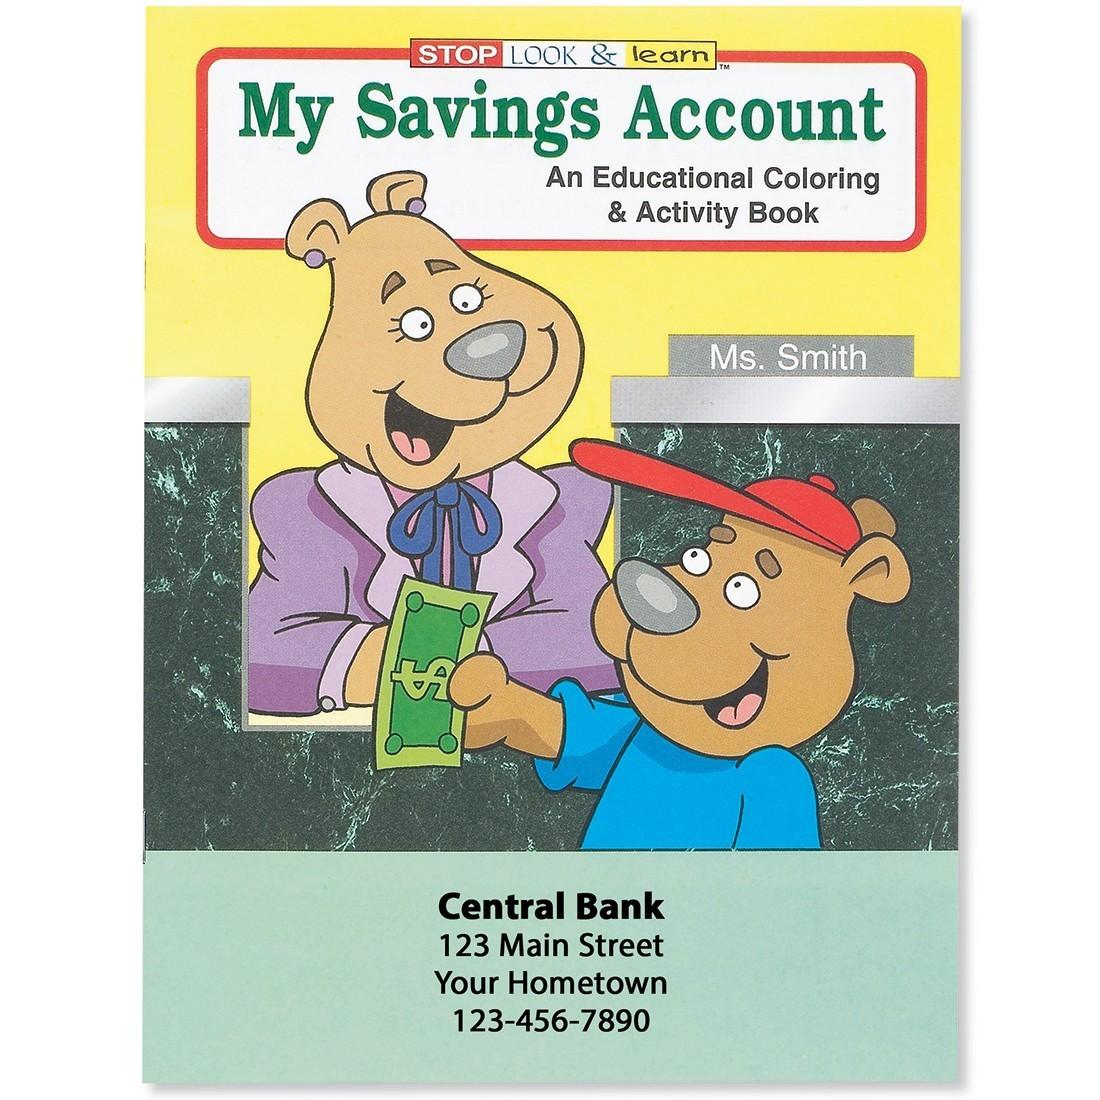 Custom Savings Account Coloring Book [image]